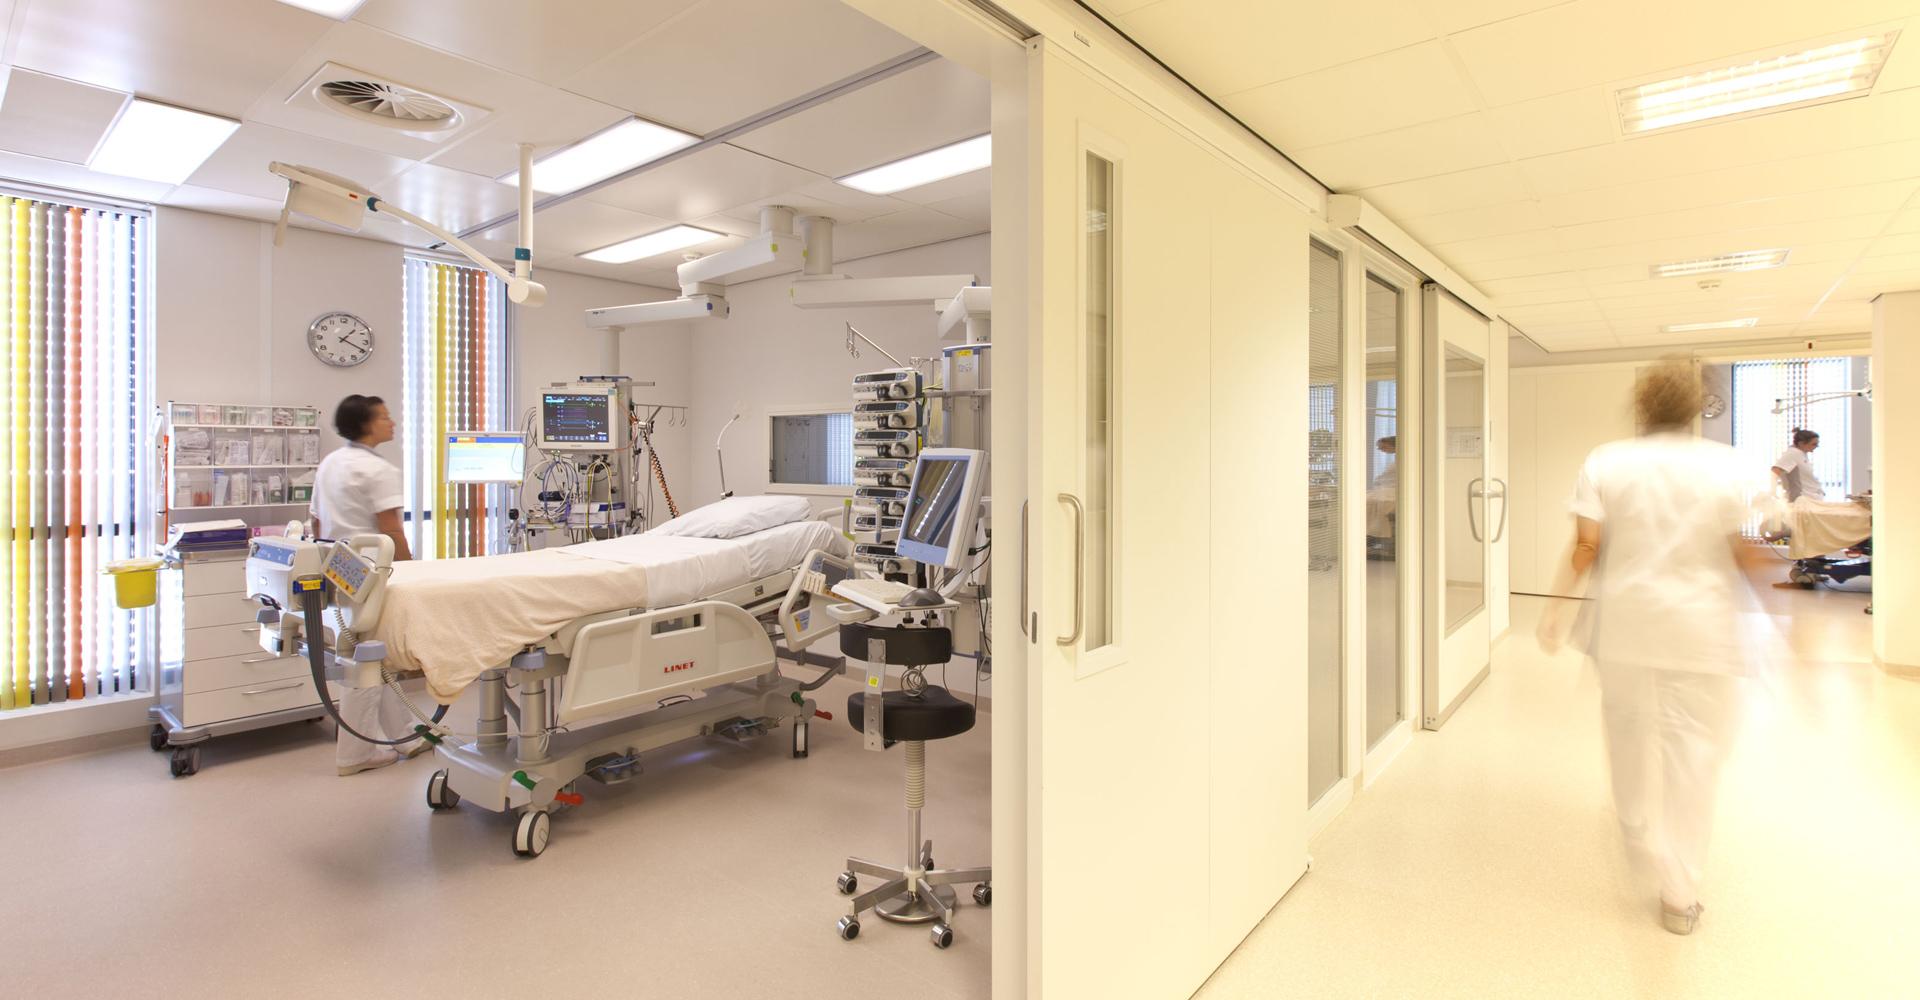 Ziekenhuisvloer kamer